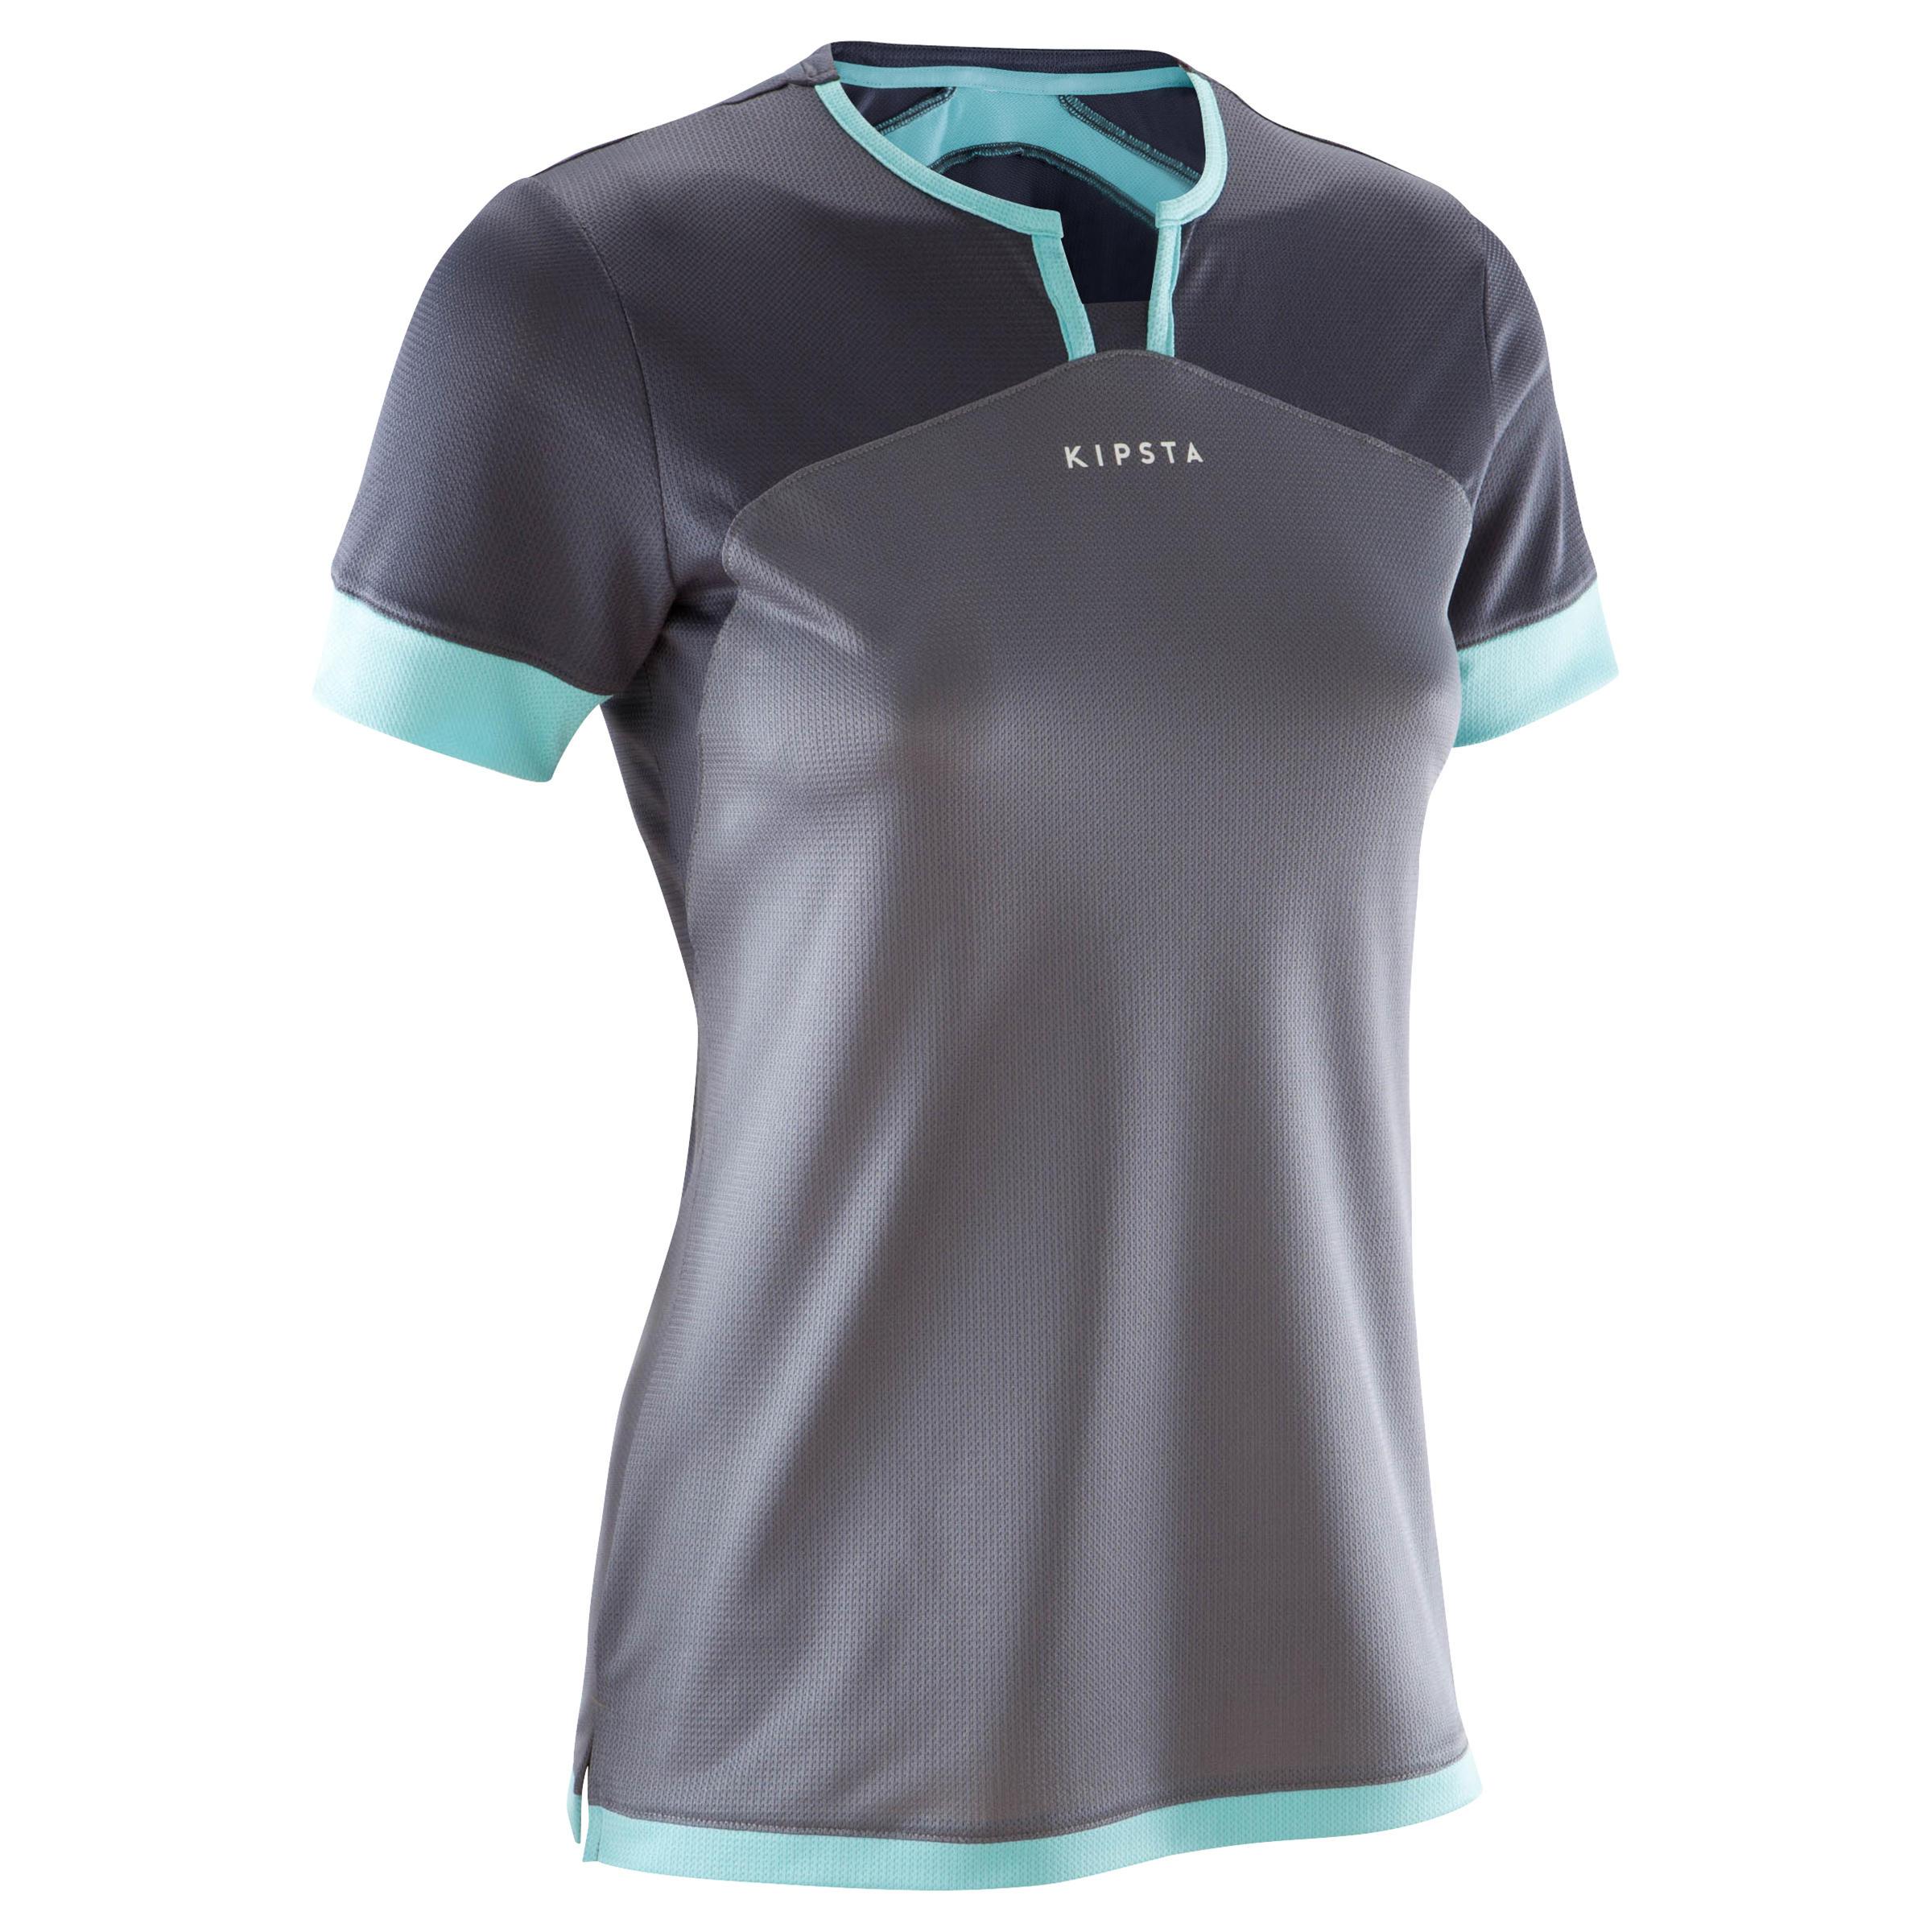 F500 Women's Soccer Jersey - Grey/Mint